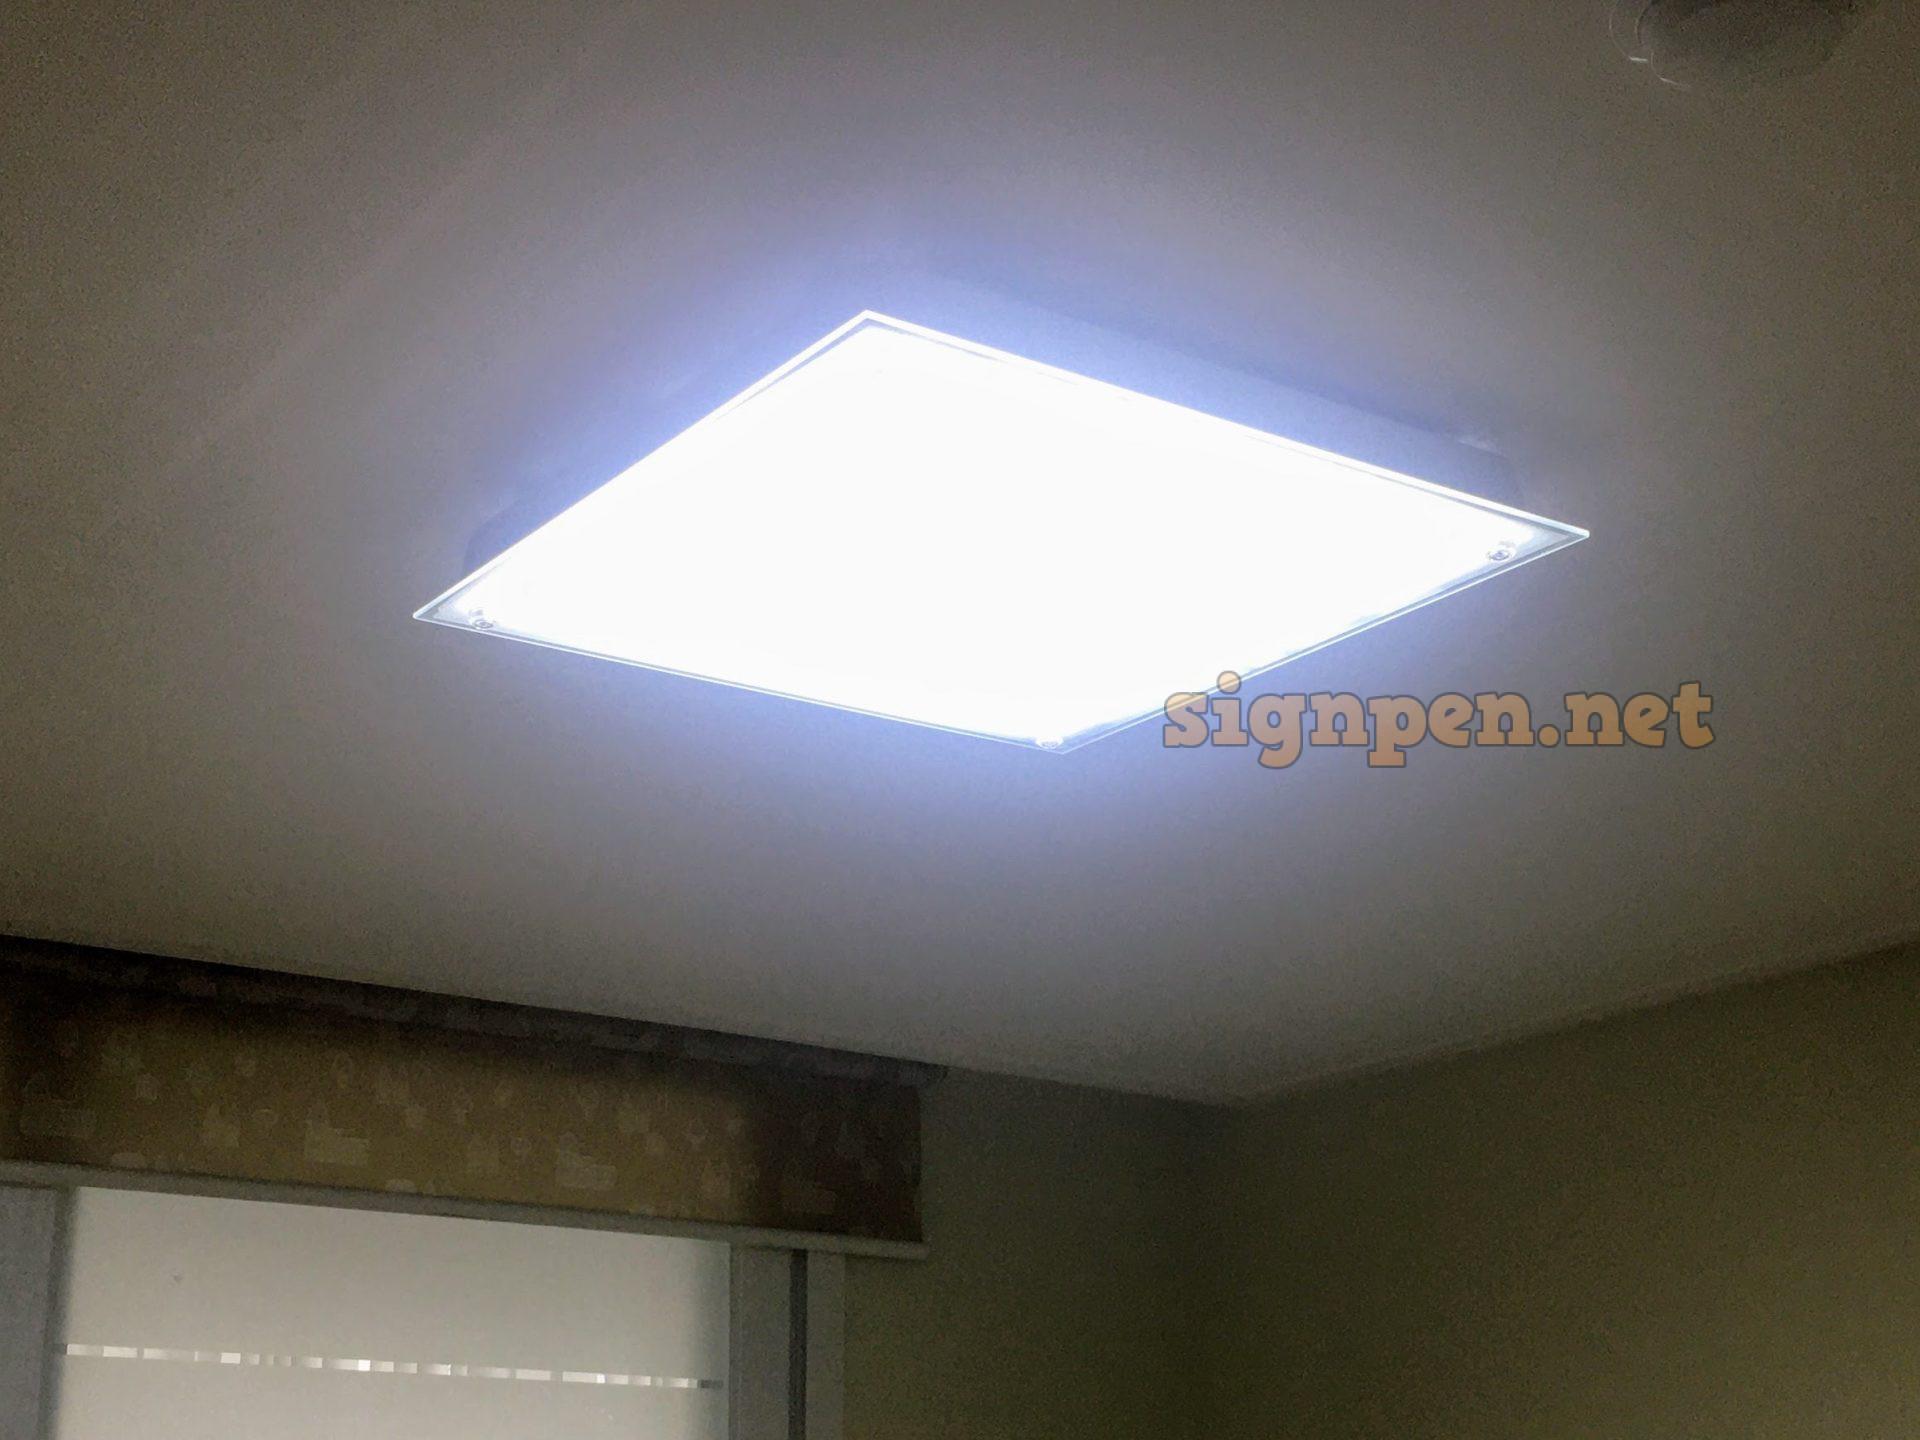 LED 사각등 셀프 교체 방법. 어렵지 않습니다._ 4